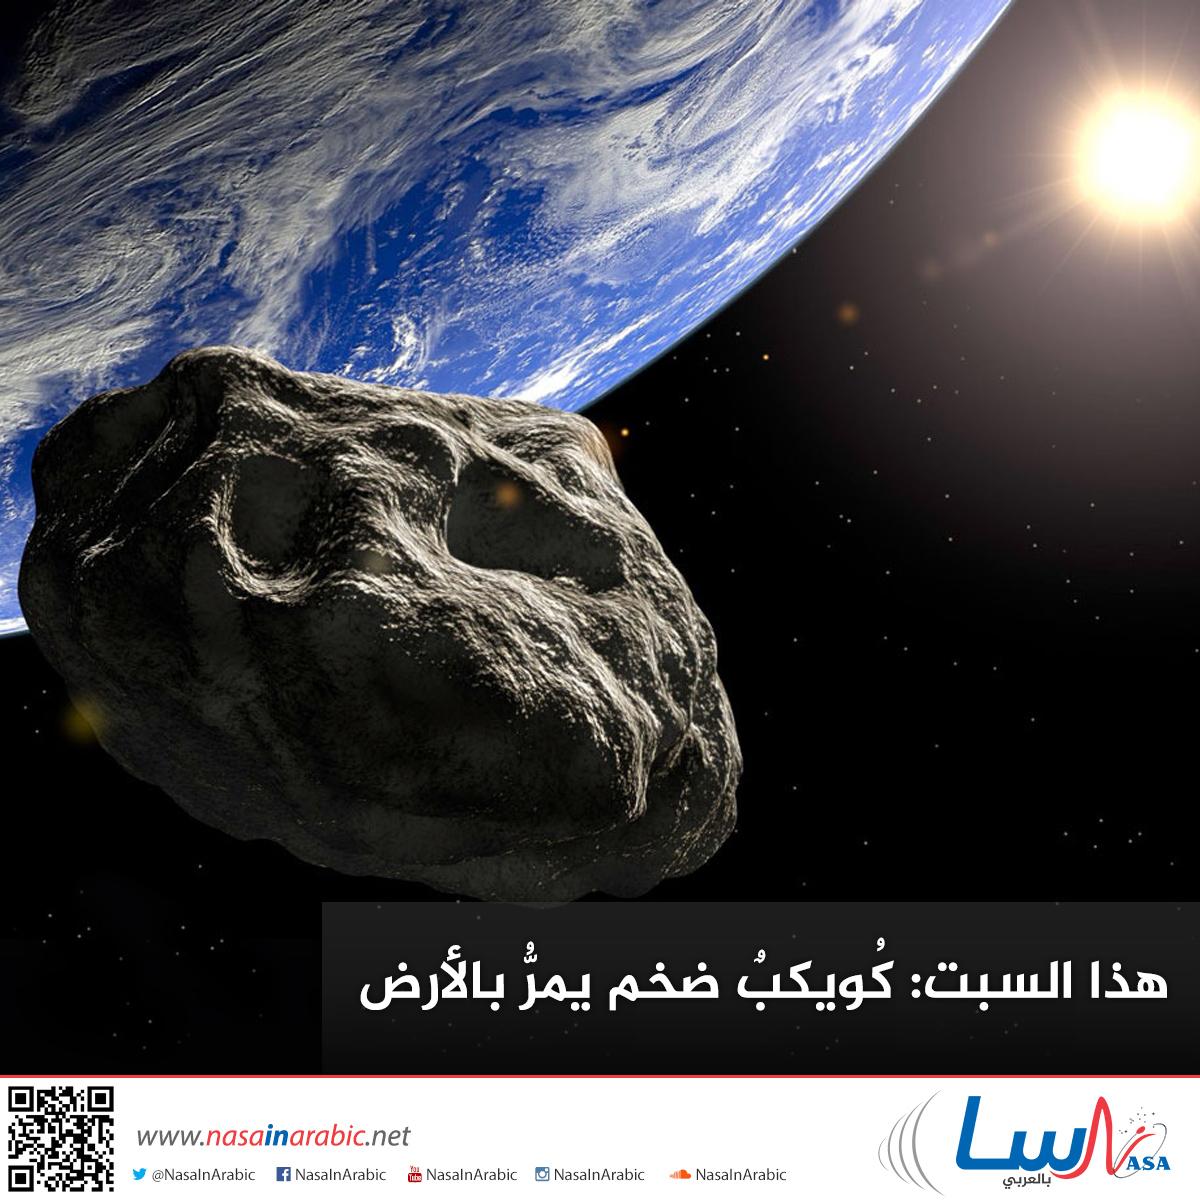 هذا السبت: كُويكبٌ ضخم يمرُّ بالأرض